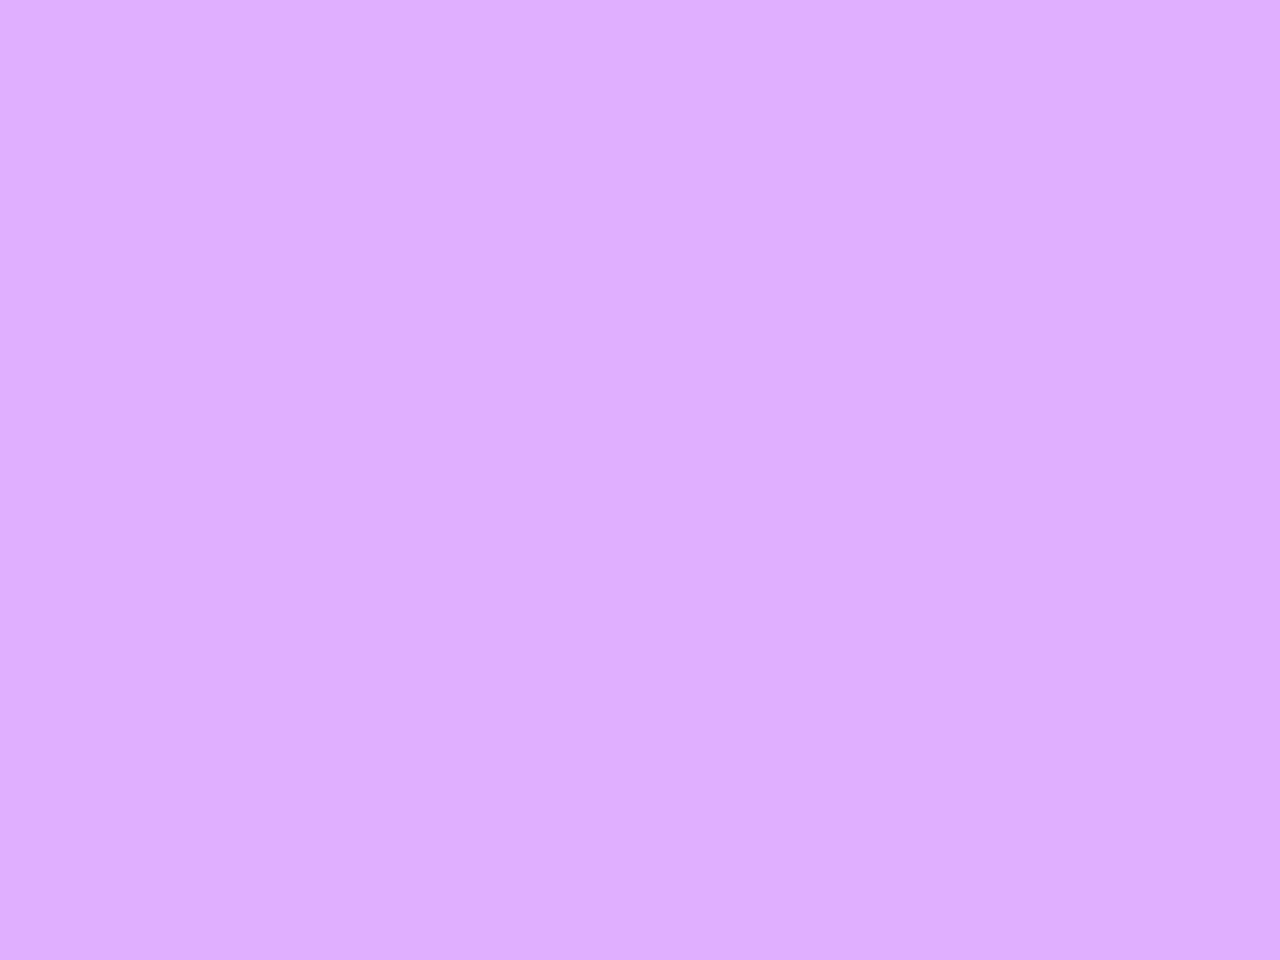 1280x960 Mauve Solid Color Background